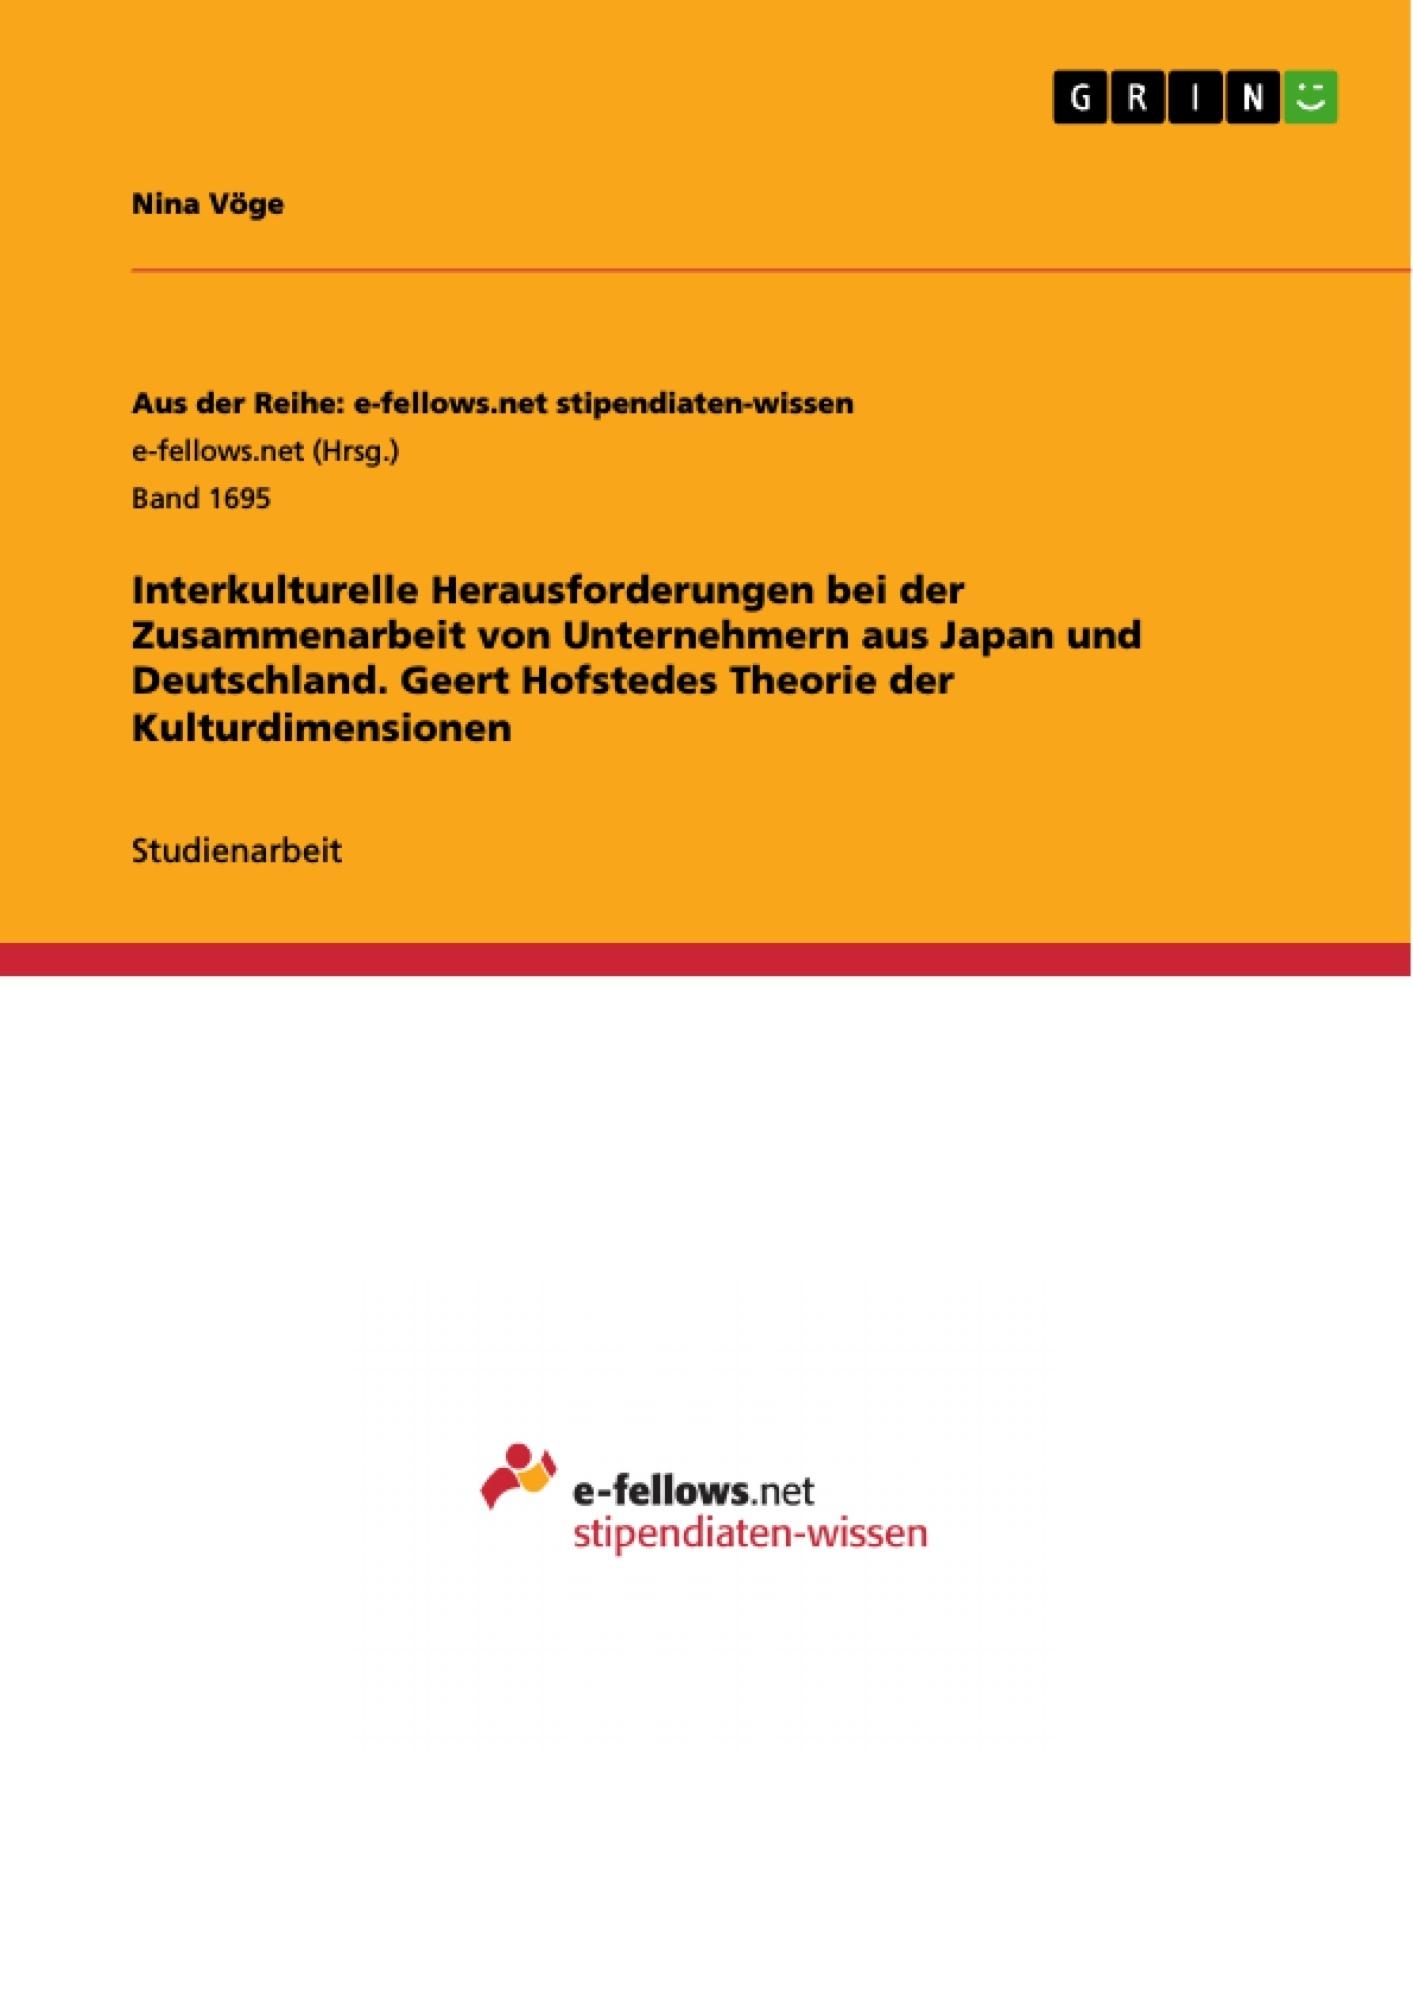 Titel: Interkulturelle Herausforderungen bei der Zusammenarbeit von Unternehmern aus Japan und Deutschland. Geert Hofstedes Theorie der Kulturdimensionen